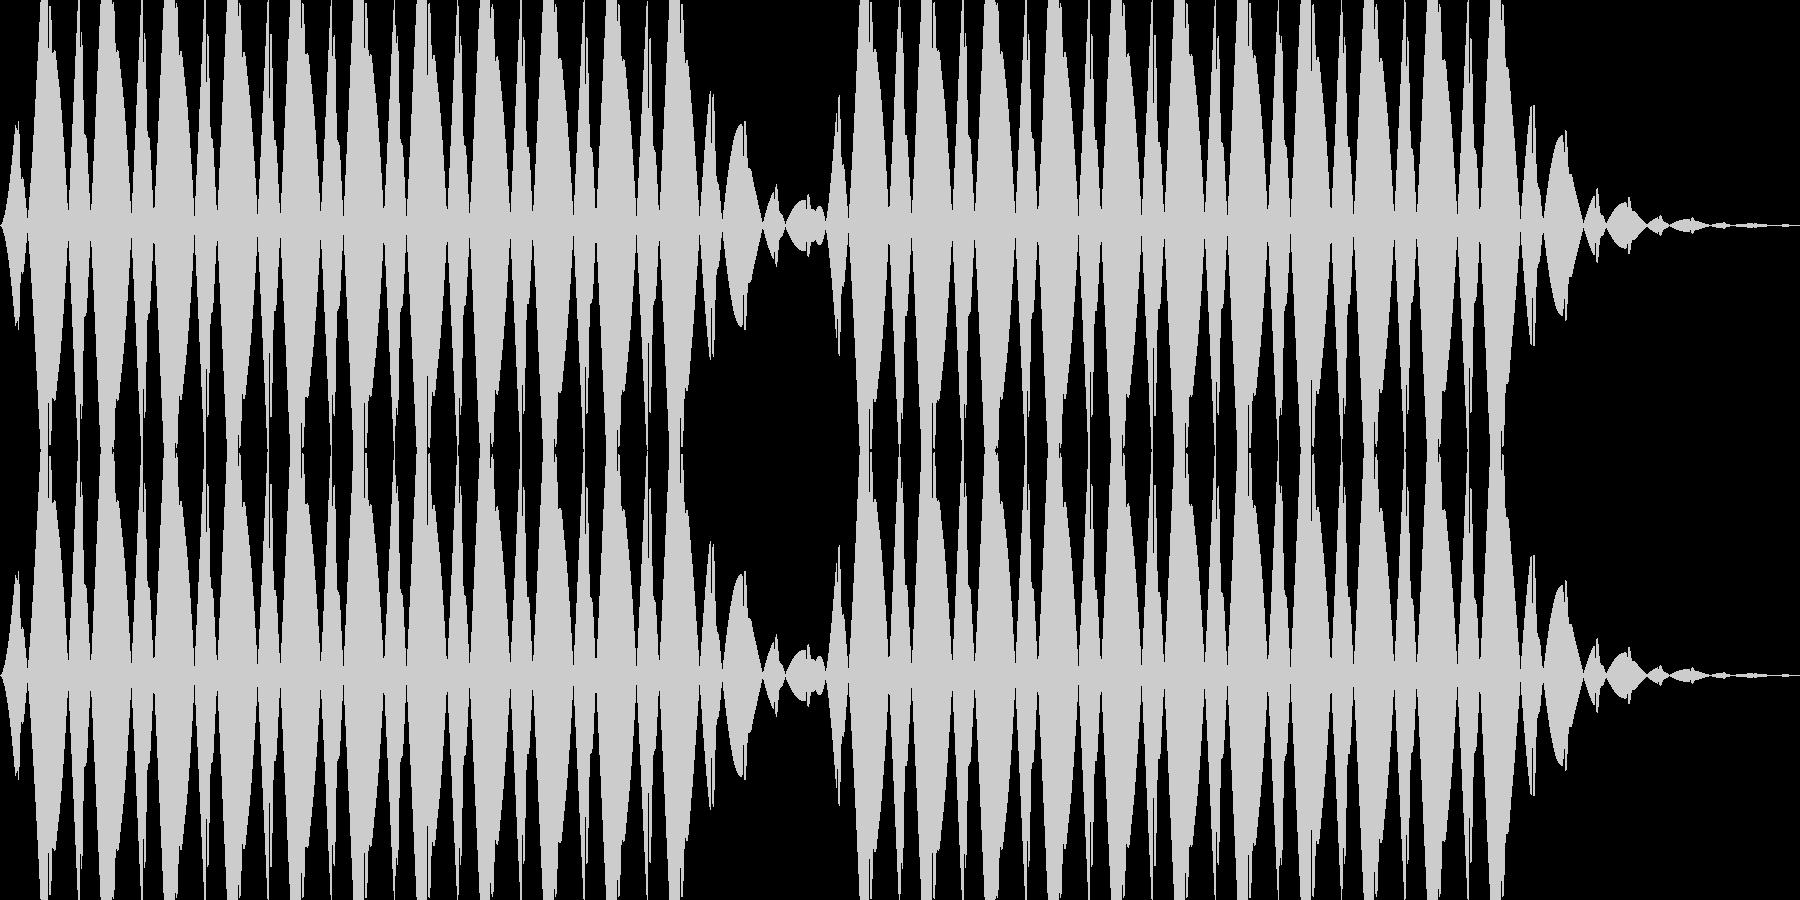 キャンセル音の未再生の波形